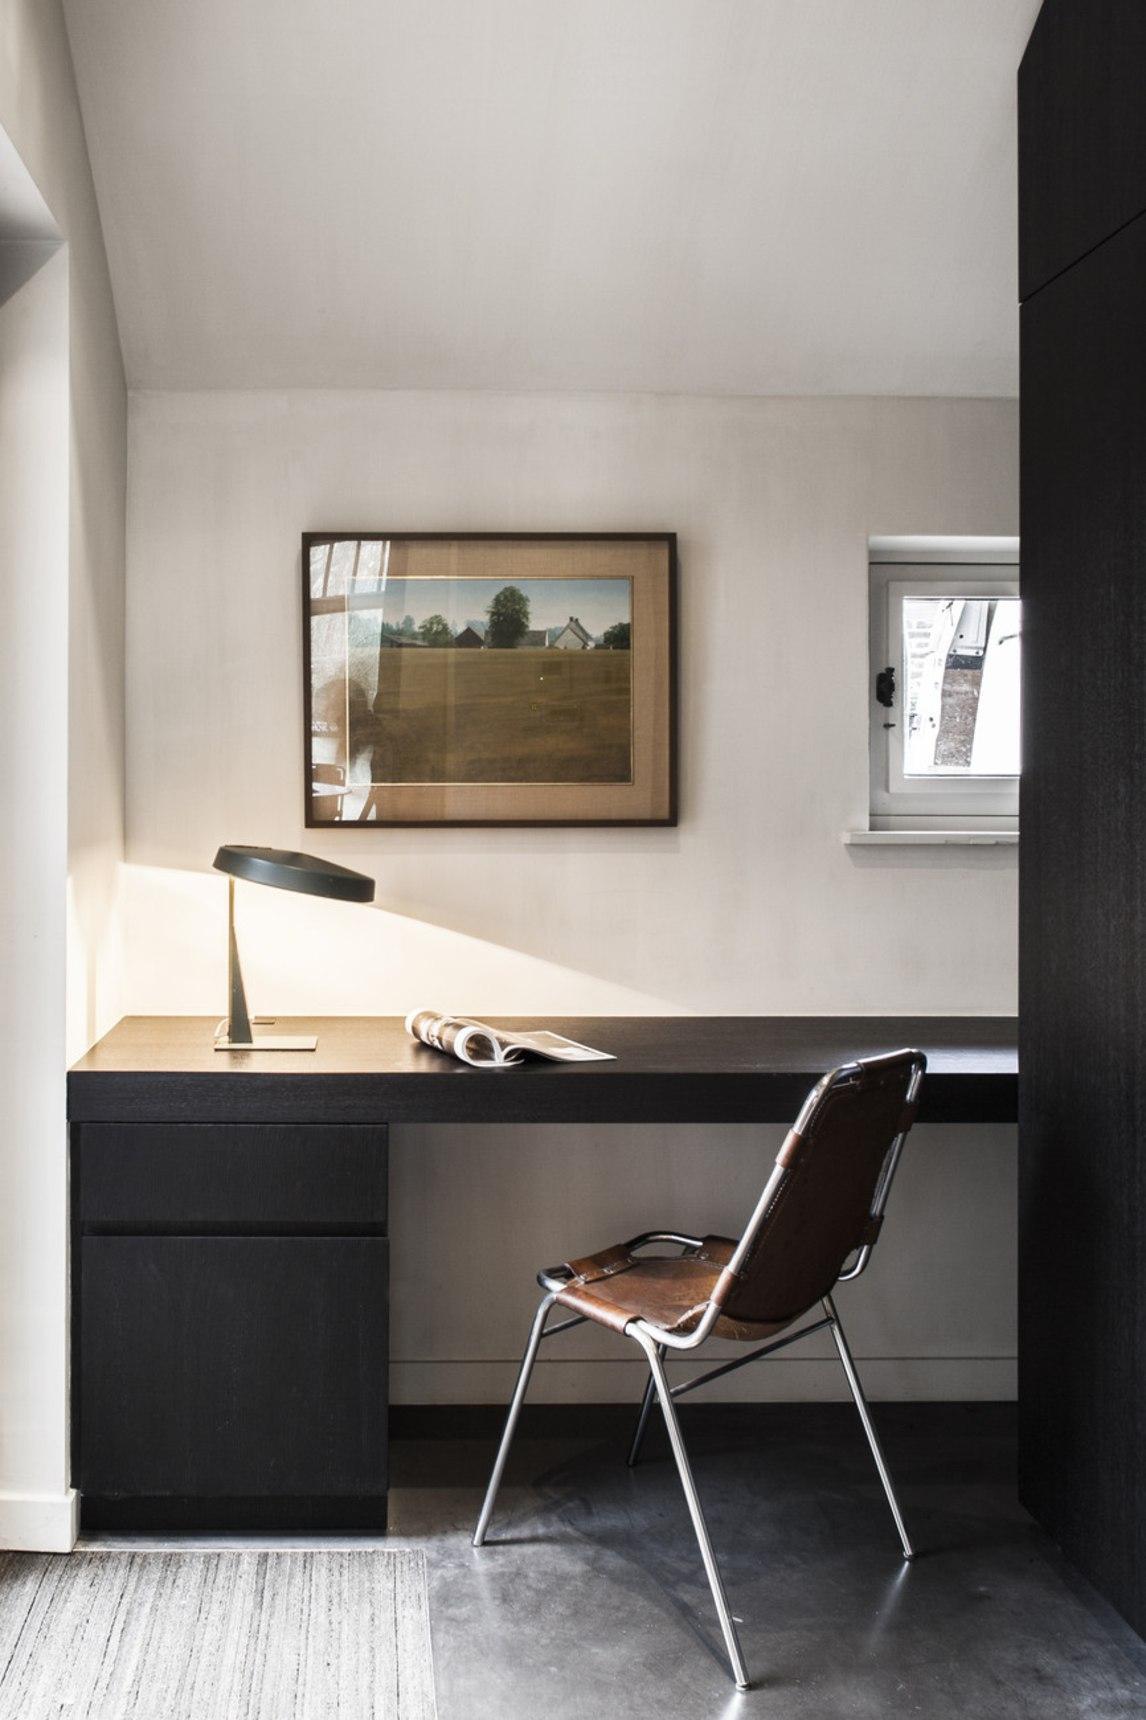 L'espace de travail est très laconique, avec des meubles sombres et une chaise en cuir ainsi que des œuvres d'art